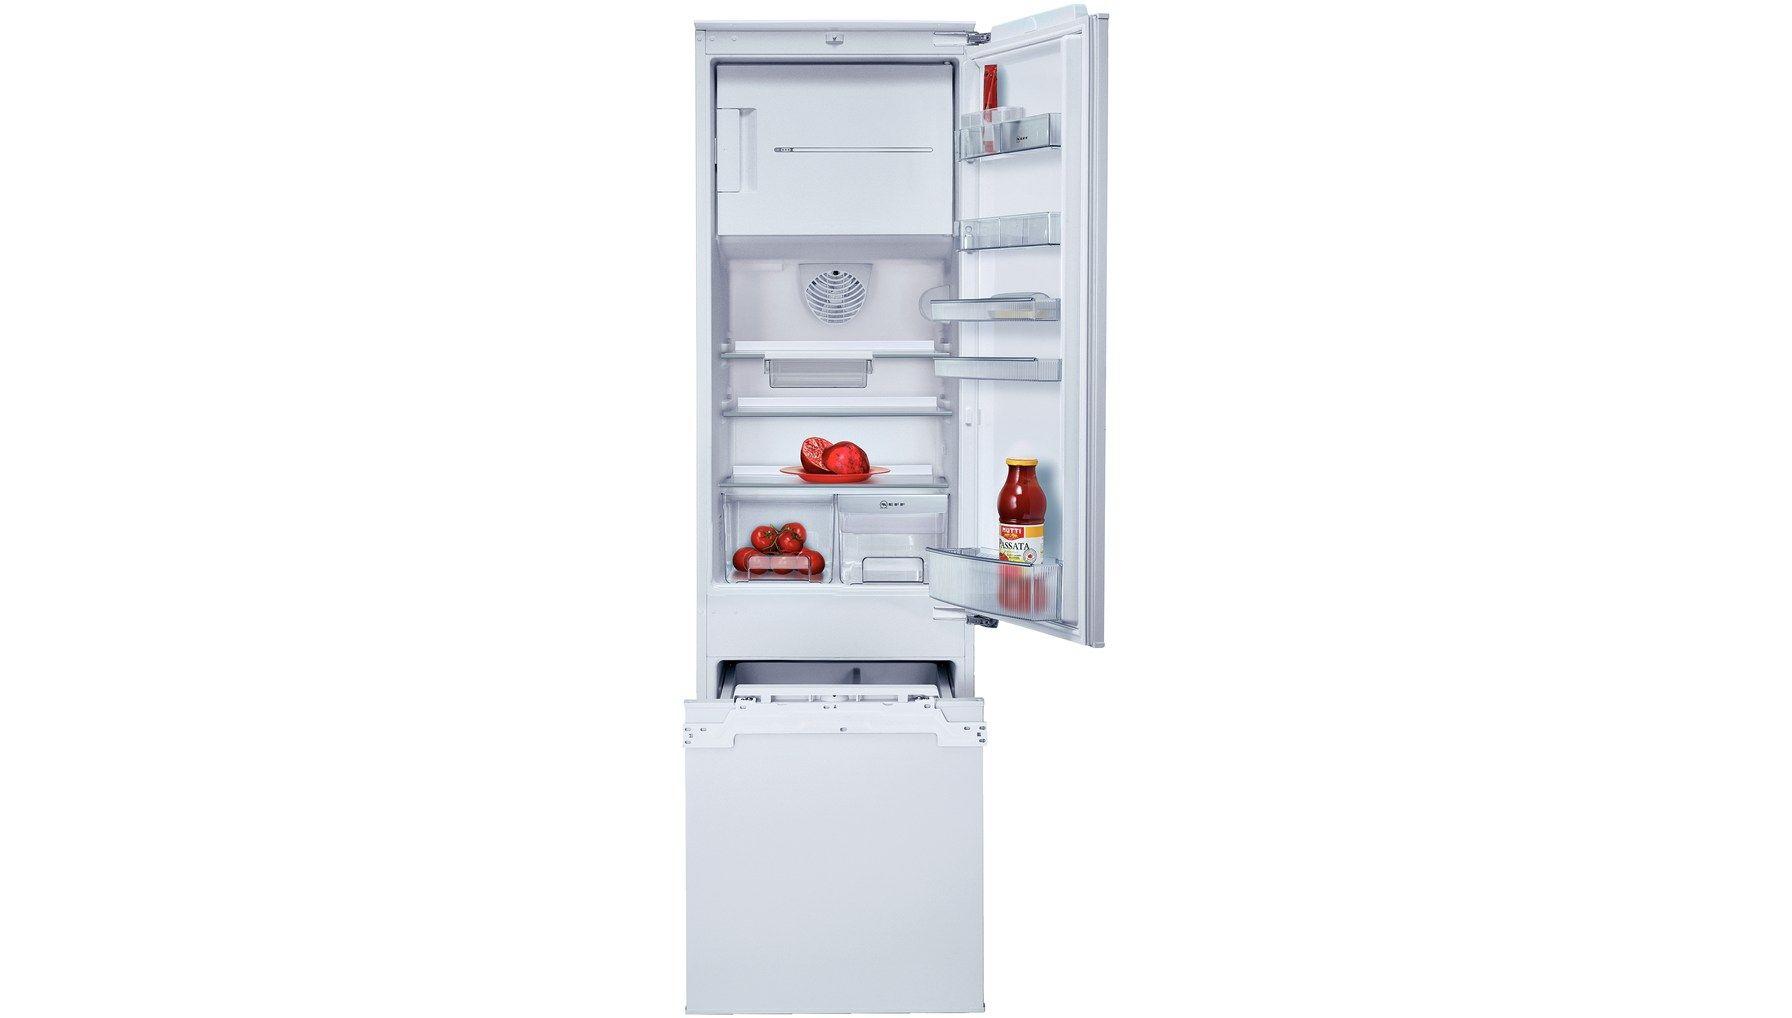 Neff - PRODUKTE - Kühlschränke - integrierbare Kühl-Gefrier ...